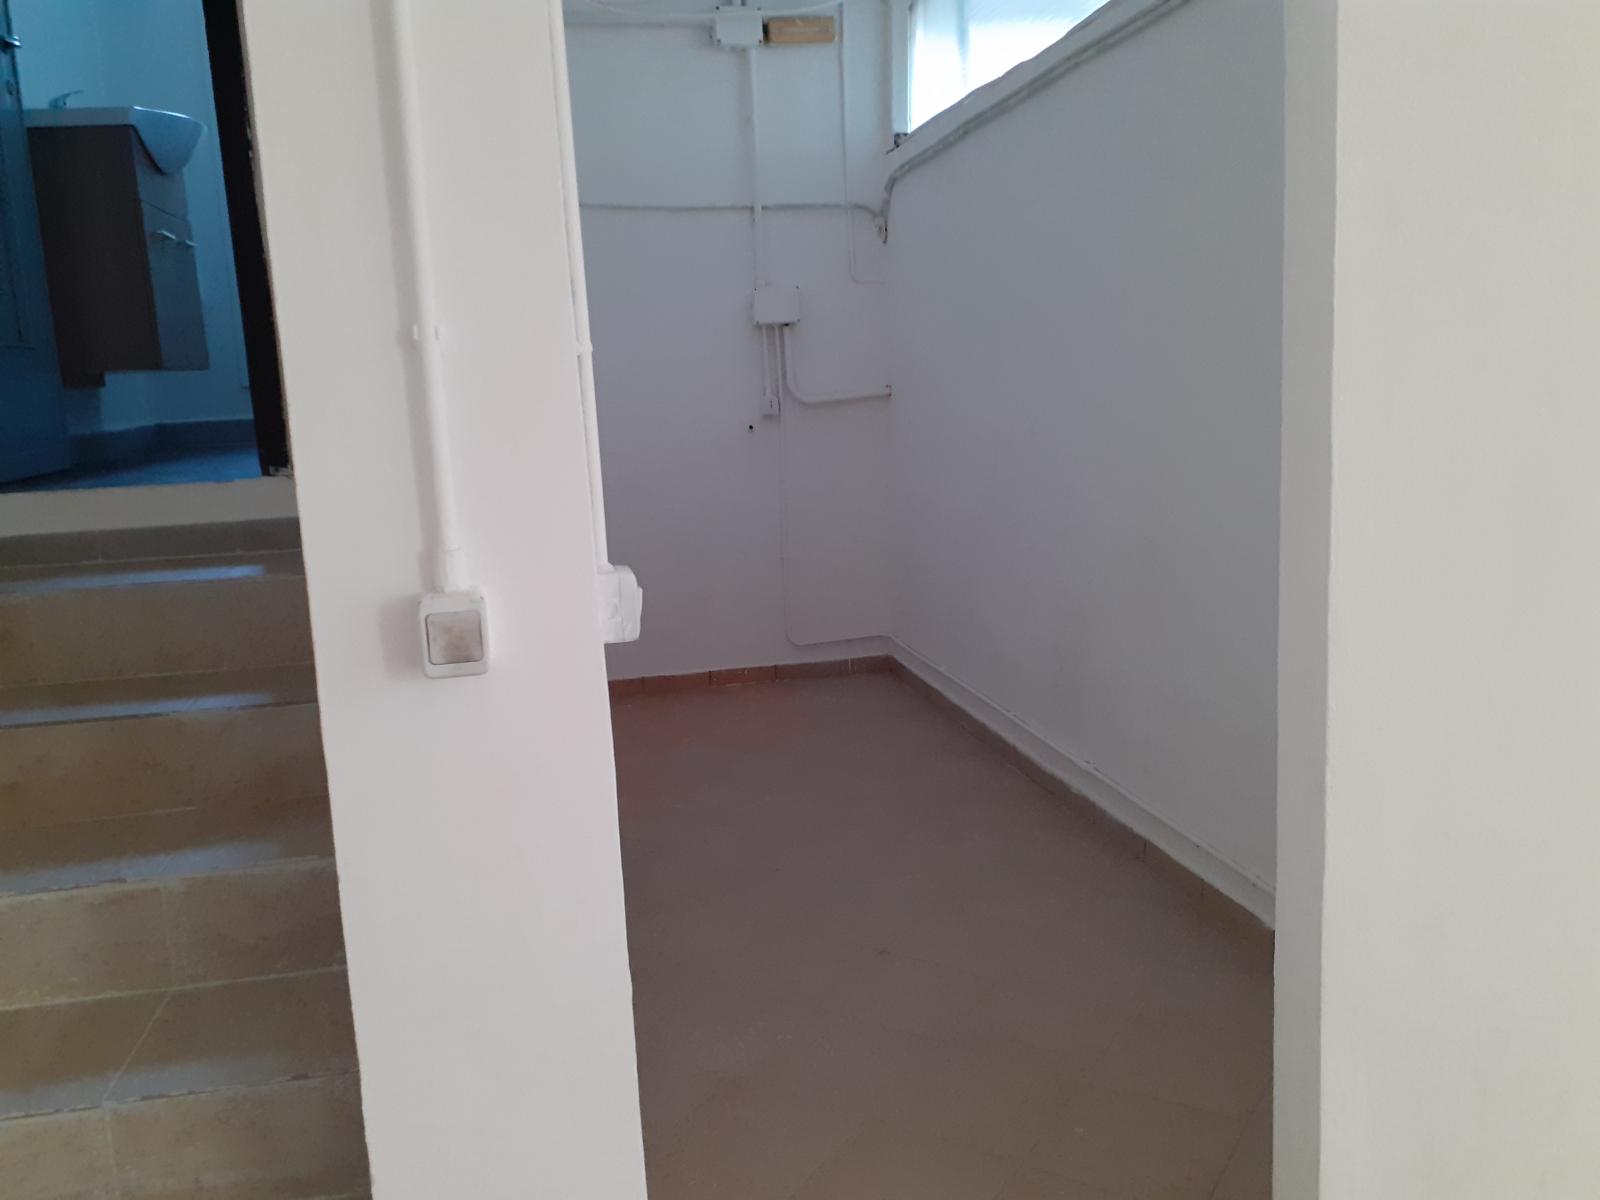 laboratorio-magazzino-in-vendita-affitto-a-baggio-spaziourbano-immobiliare-vende-affitta-4